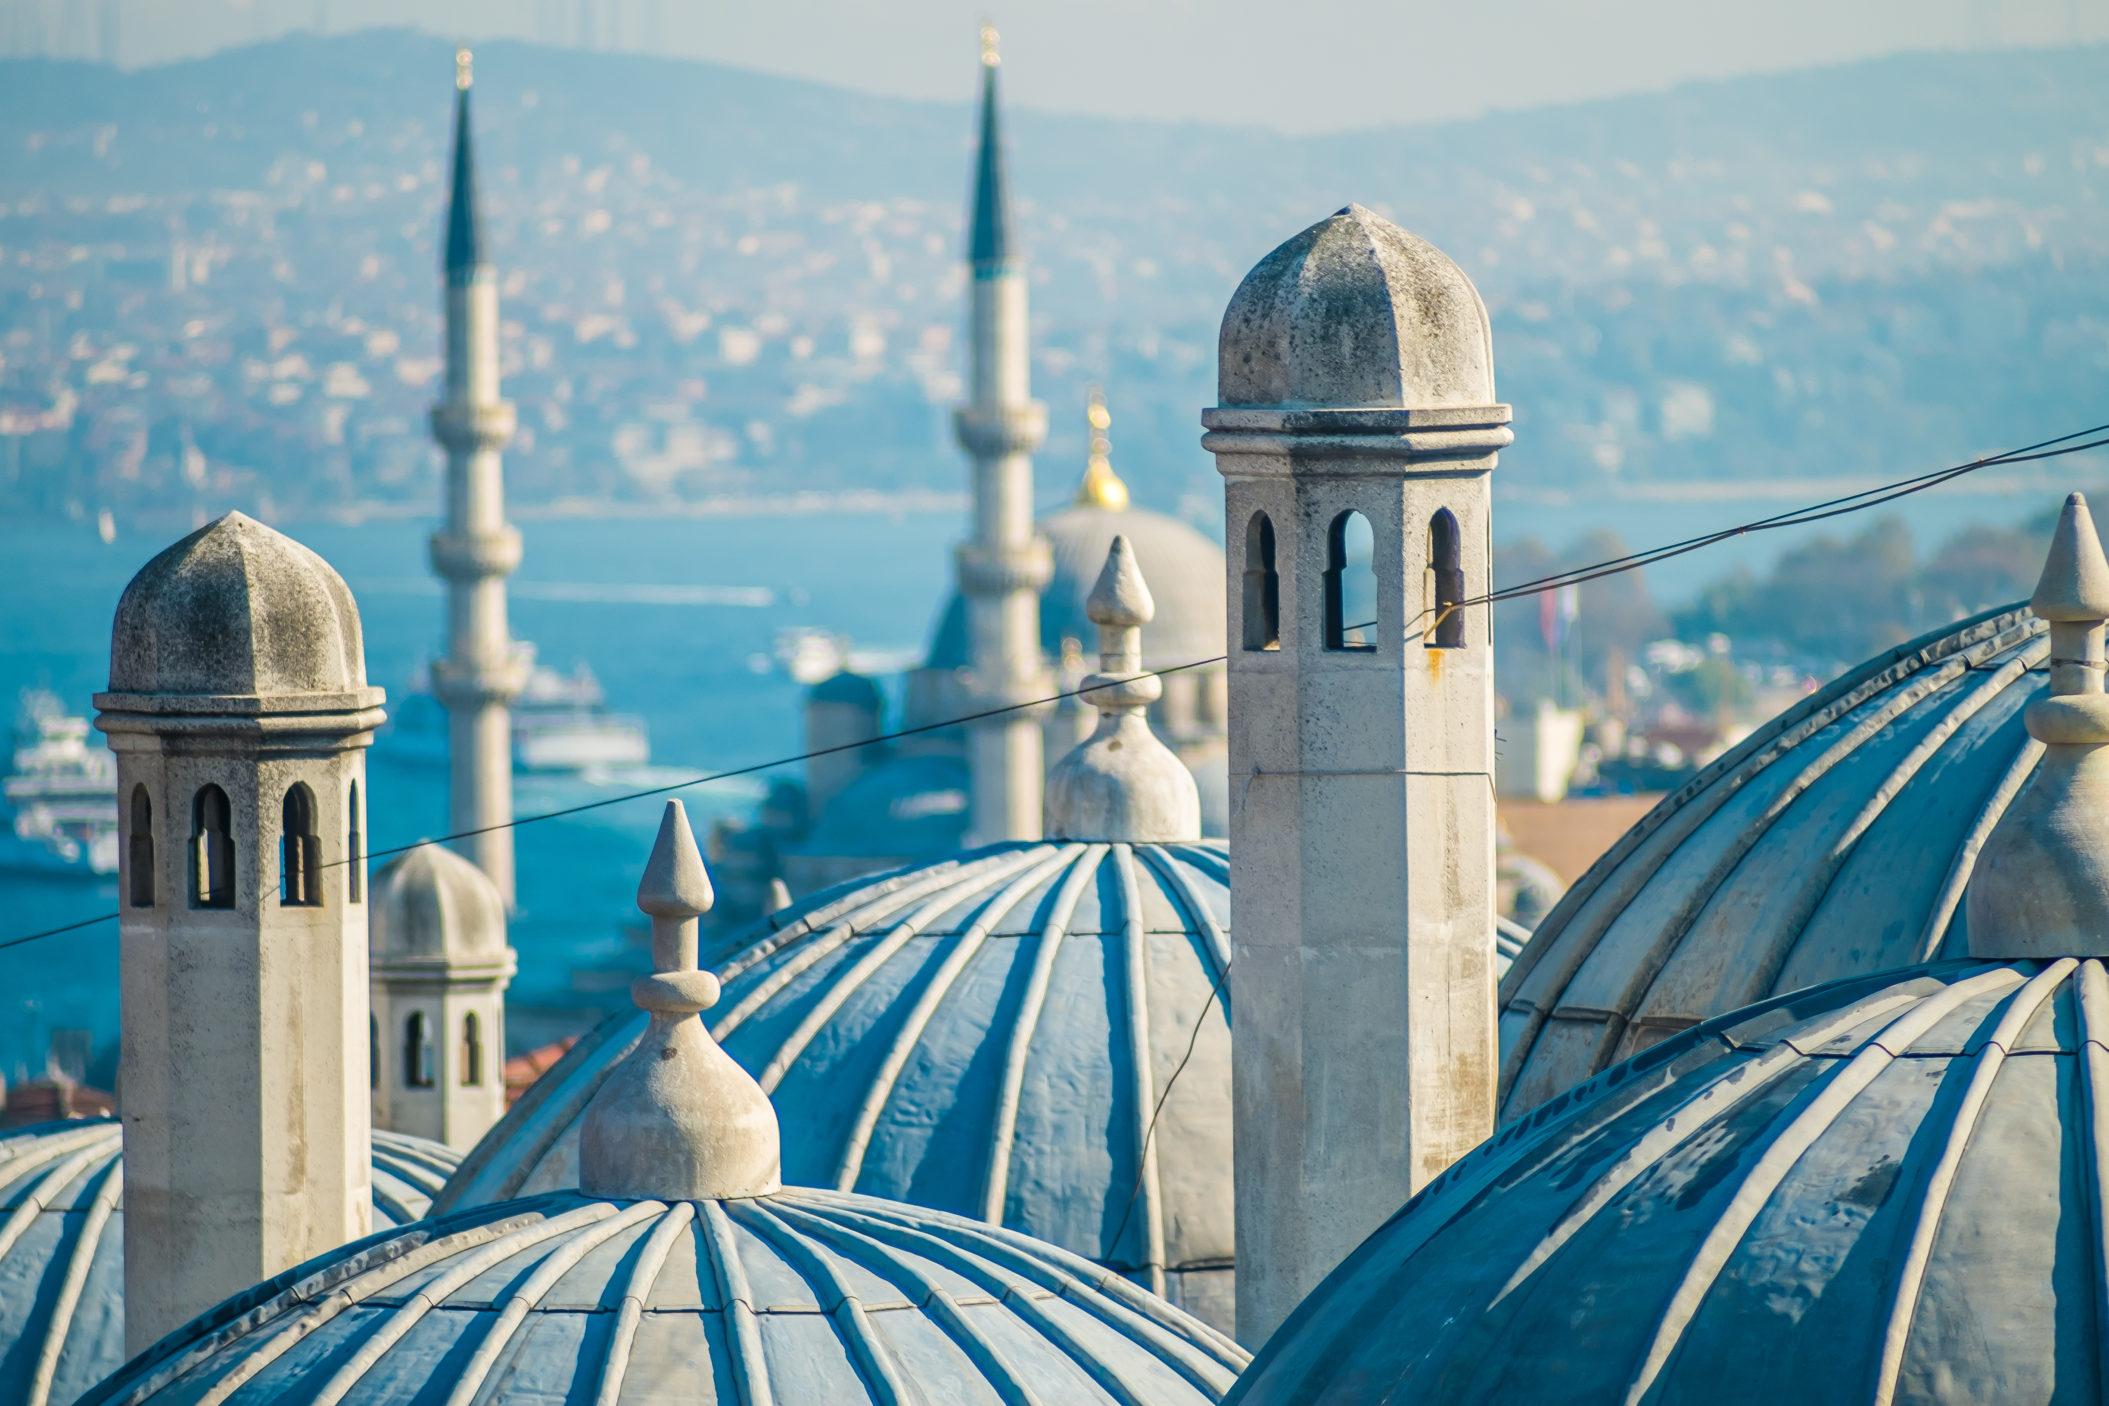 Turkey [Shutterstock]